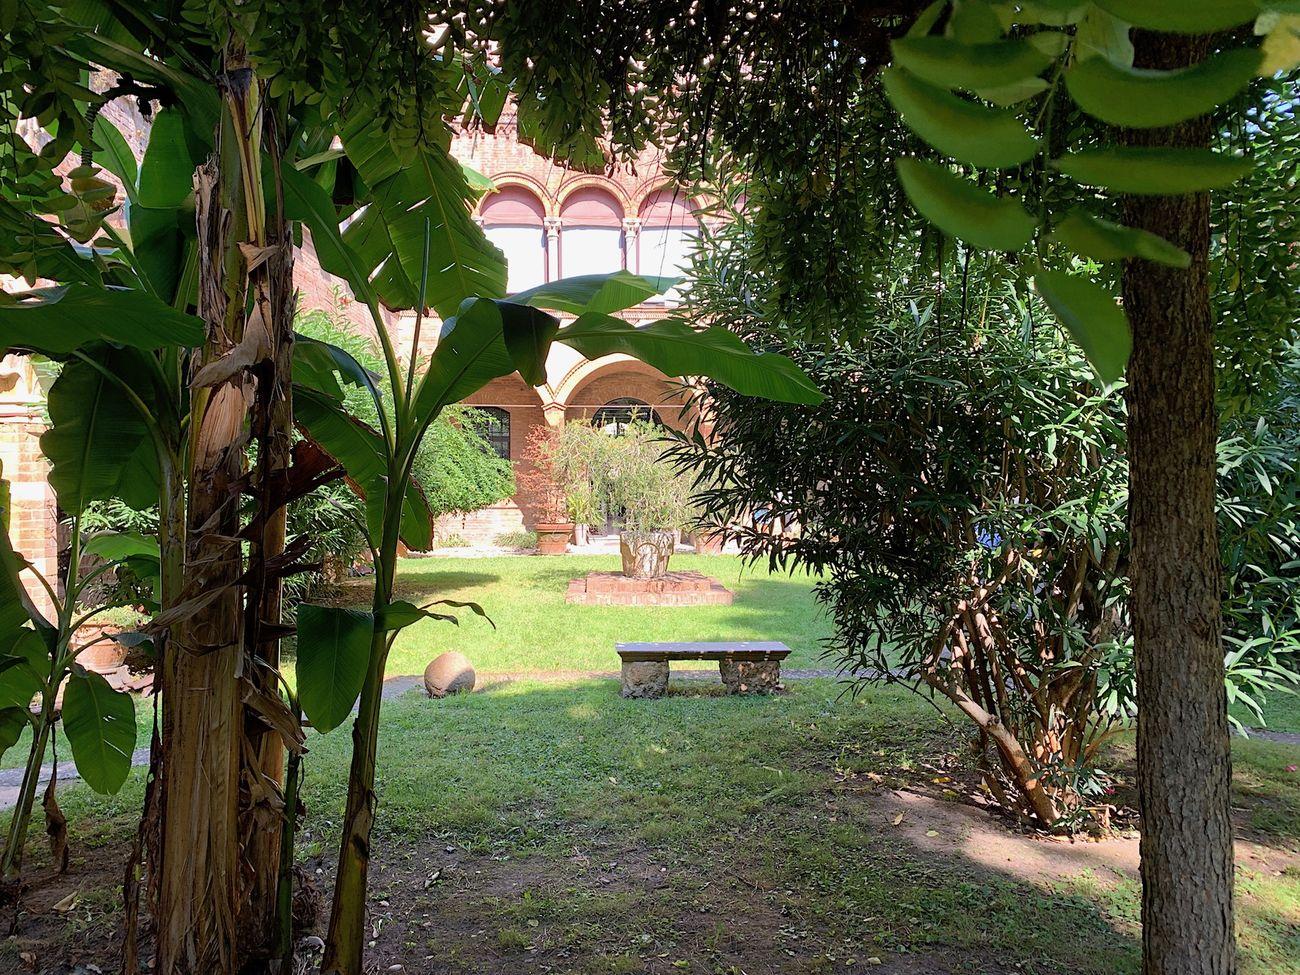 Interno Verde, Ferrara 2020, photo Claudia Zanfi